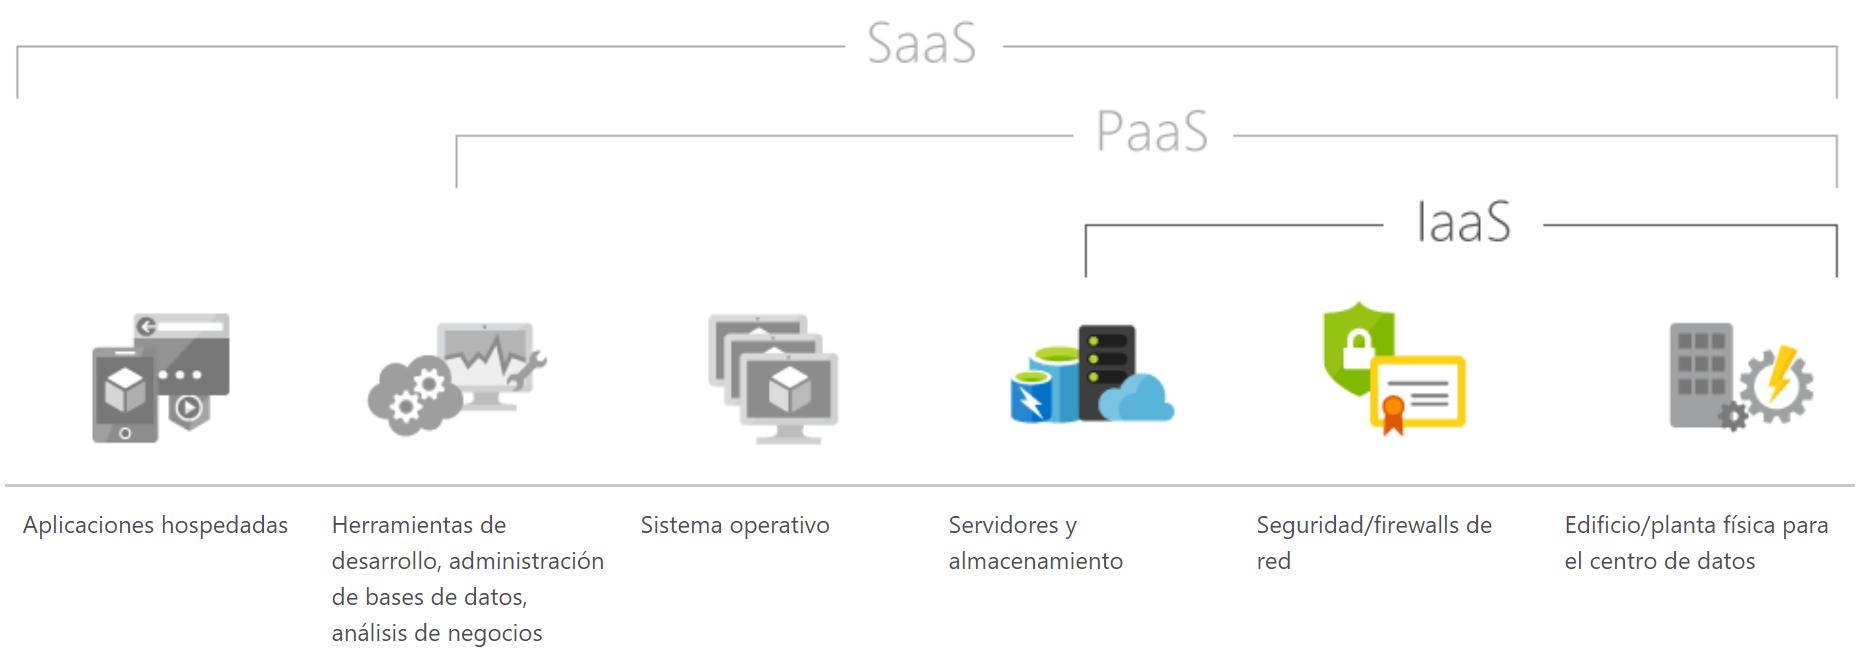 Servicio de Datacenter IaaS